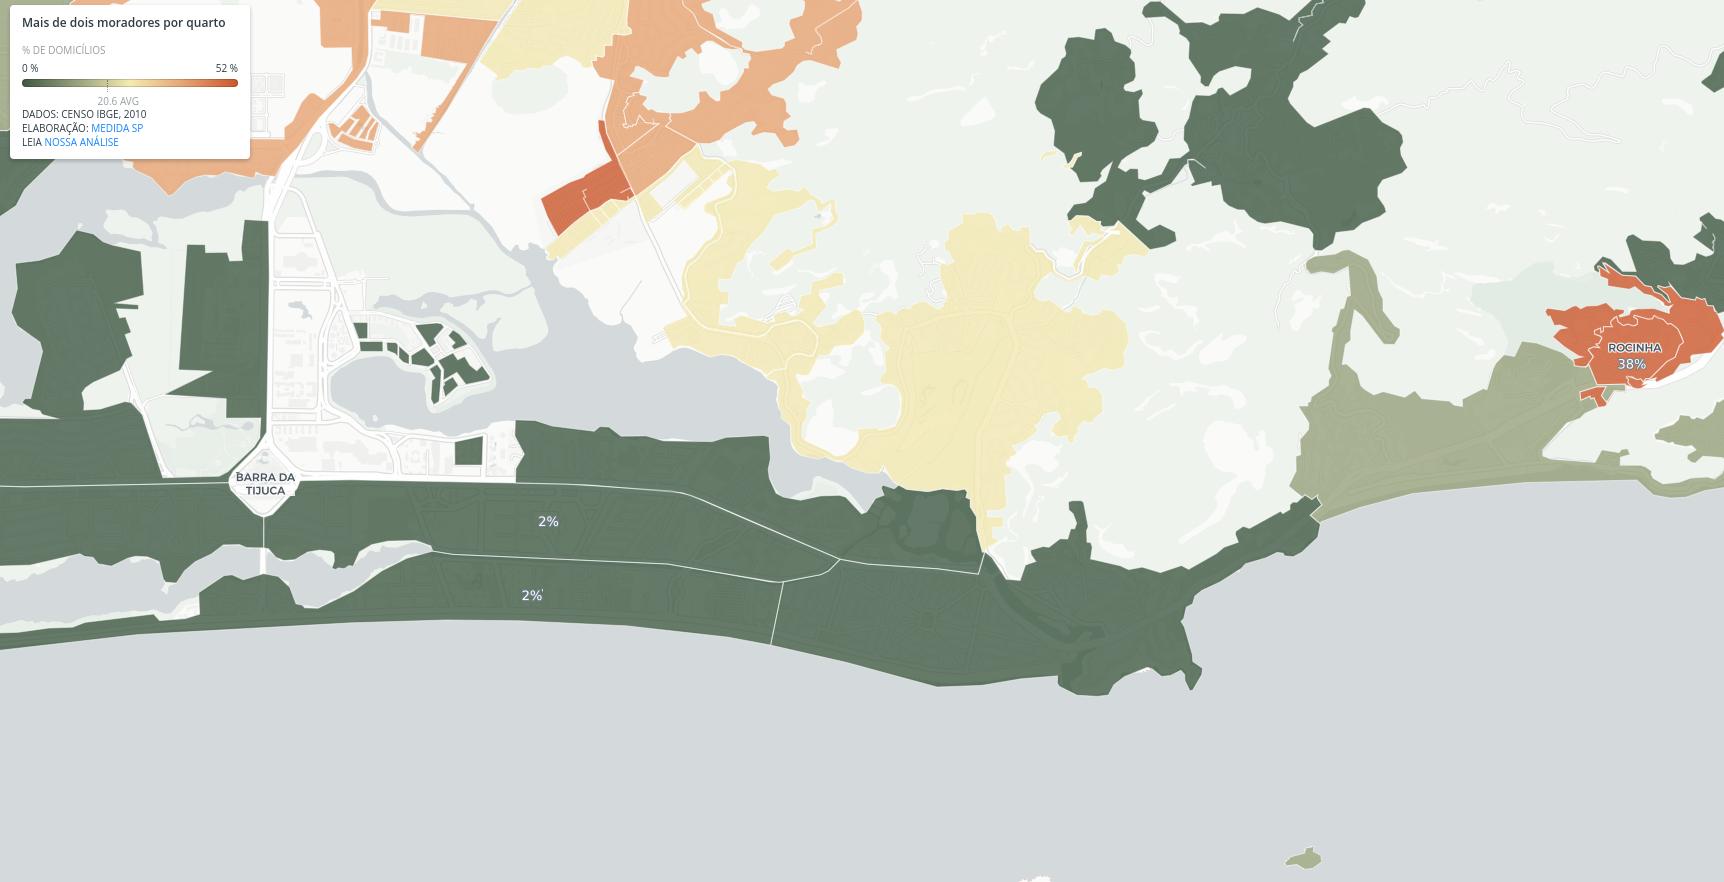 Na esquerda, a Barra da Tijuca, com 2% de domicílios com mais de duas pessoas por quarto; na direita, a Rocinha, com 38%